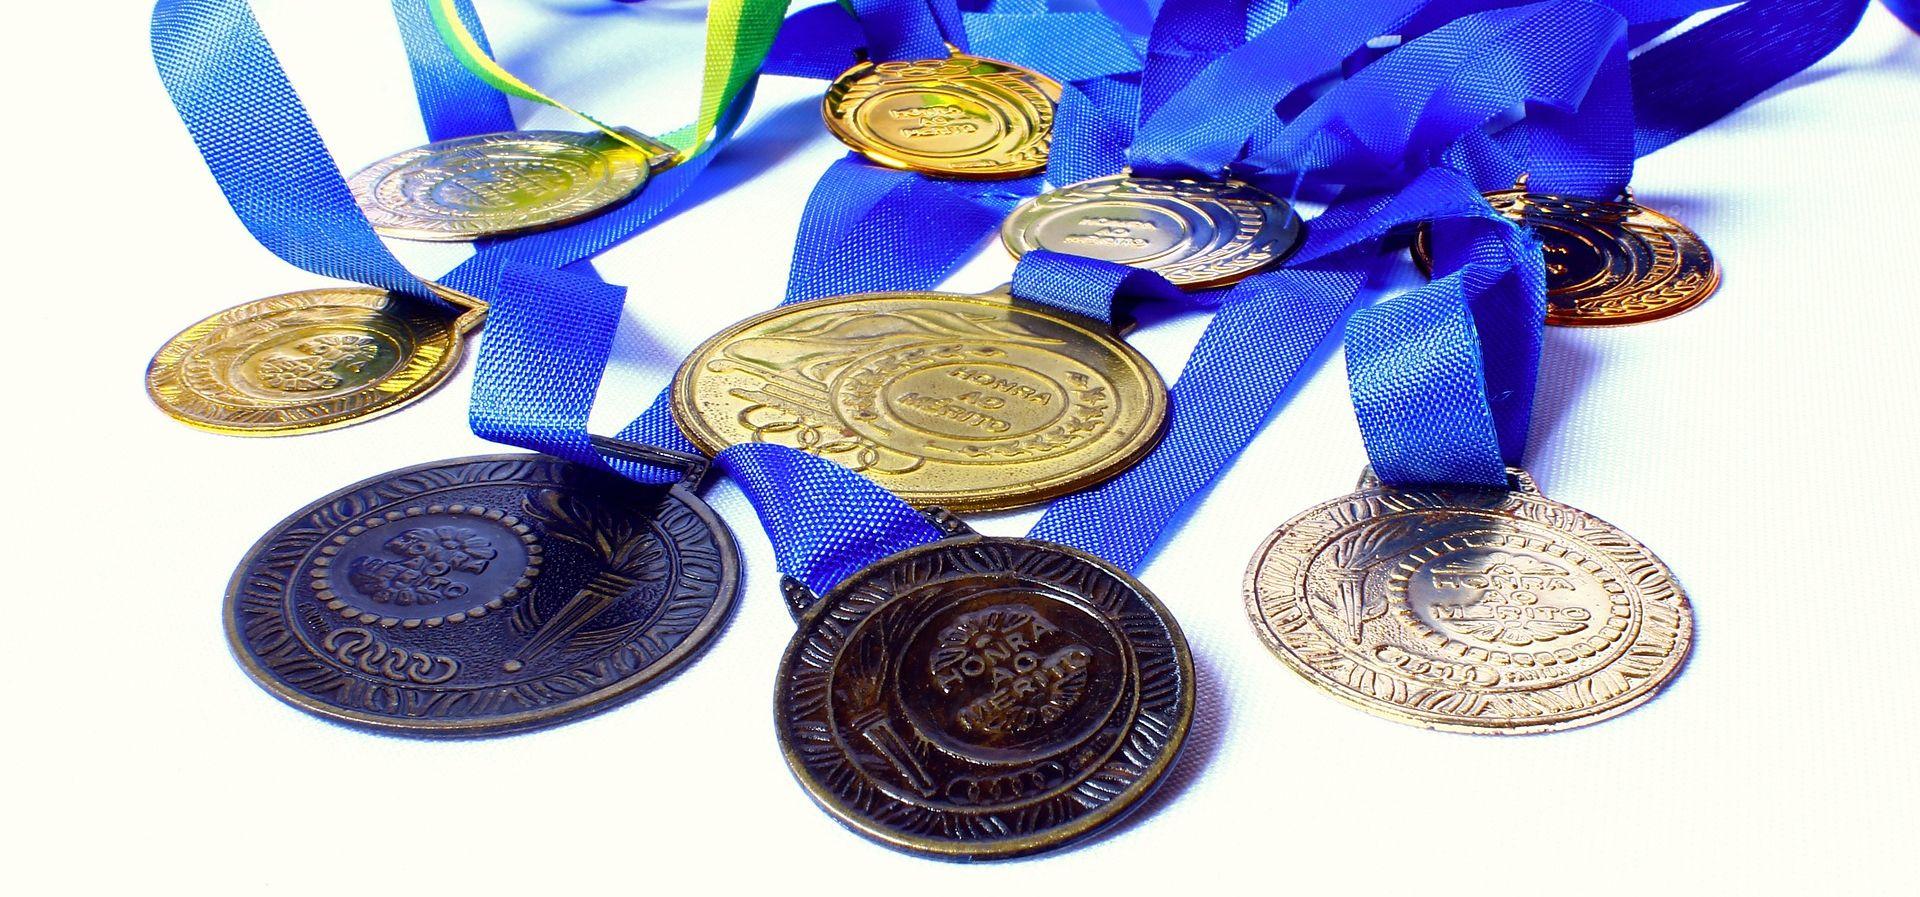 TOKIO 2020. Japanci će olimpijske medalje raditi od recikliranih mobitela